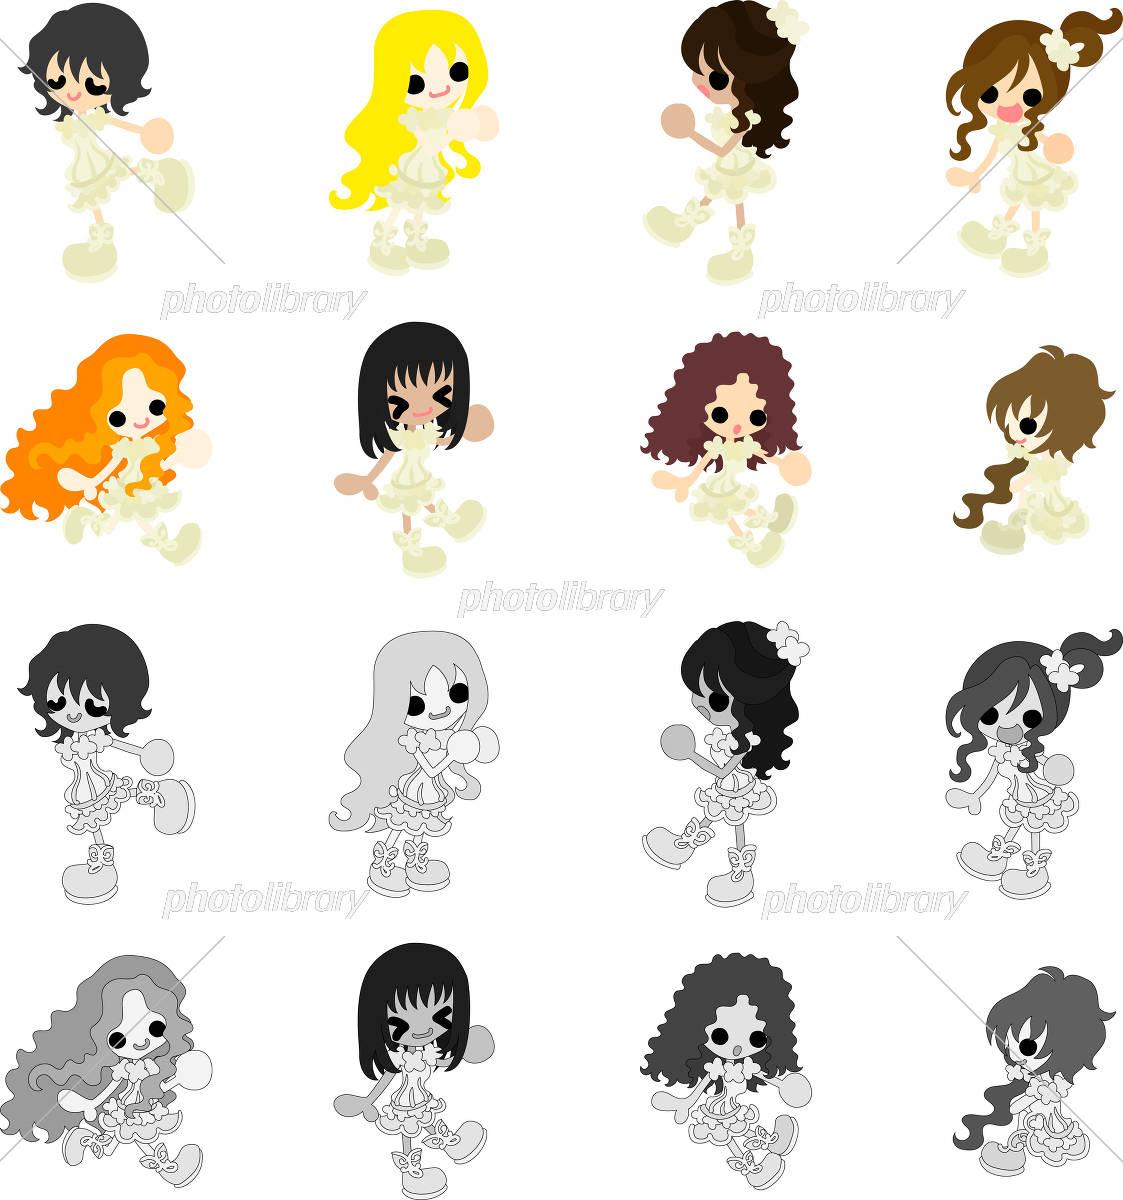 白いドレスの可愛い女の子のアイコン イラスト素材 5165627 フォト